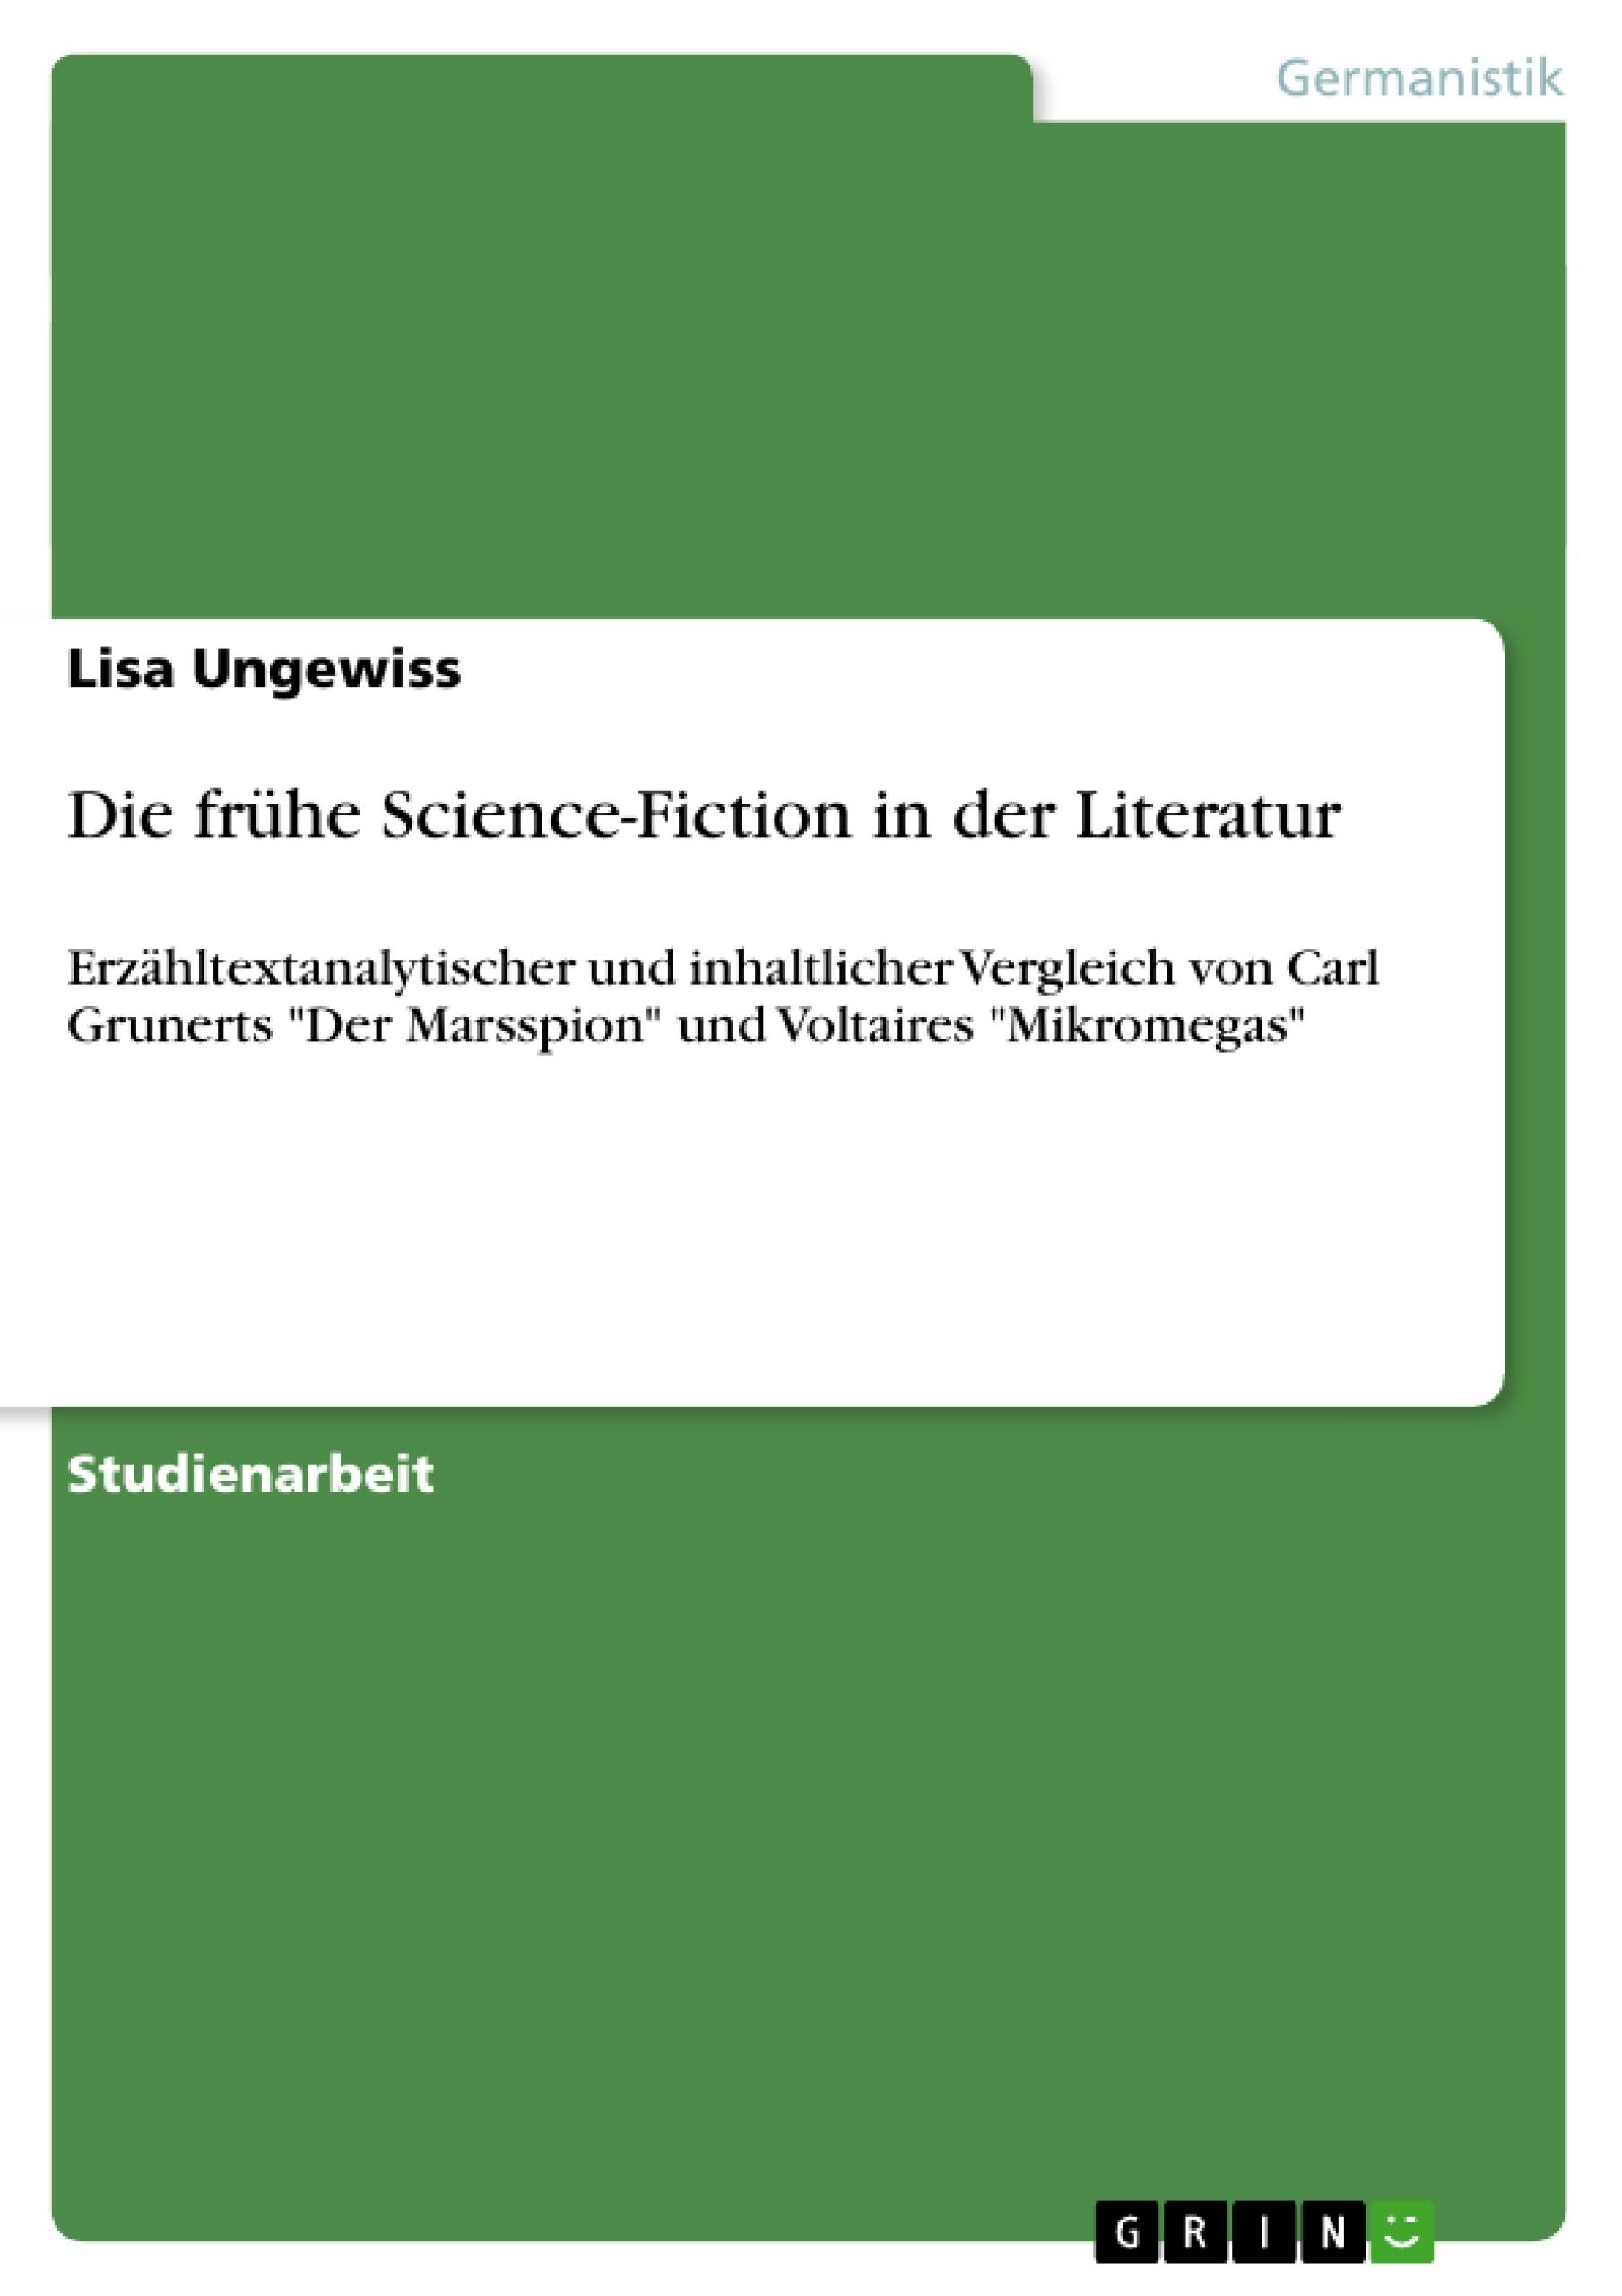 Titel: Die frühe Science-Fiction in der Literatur